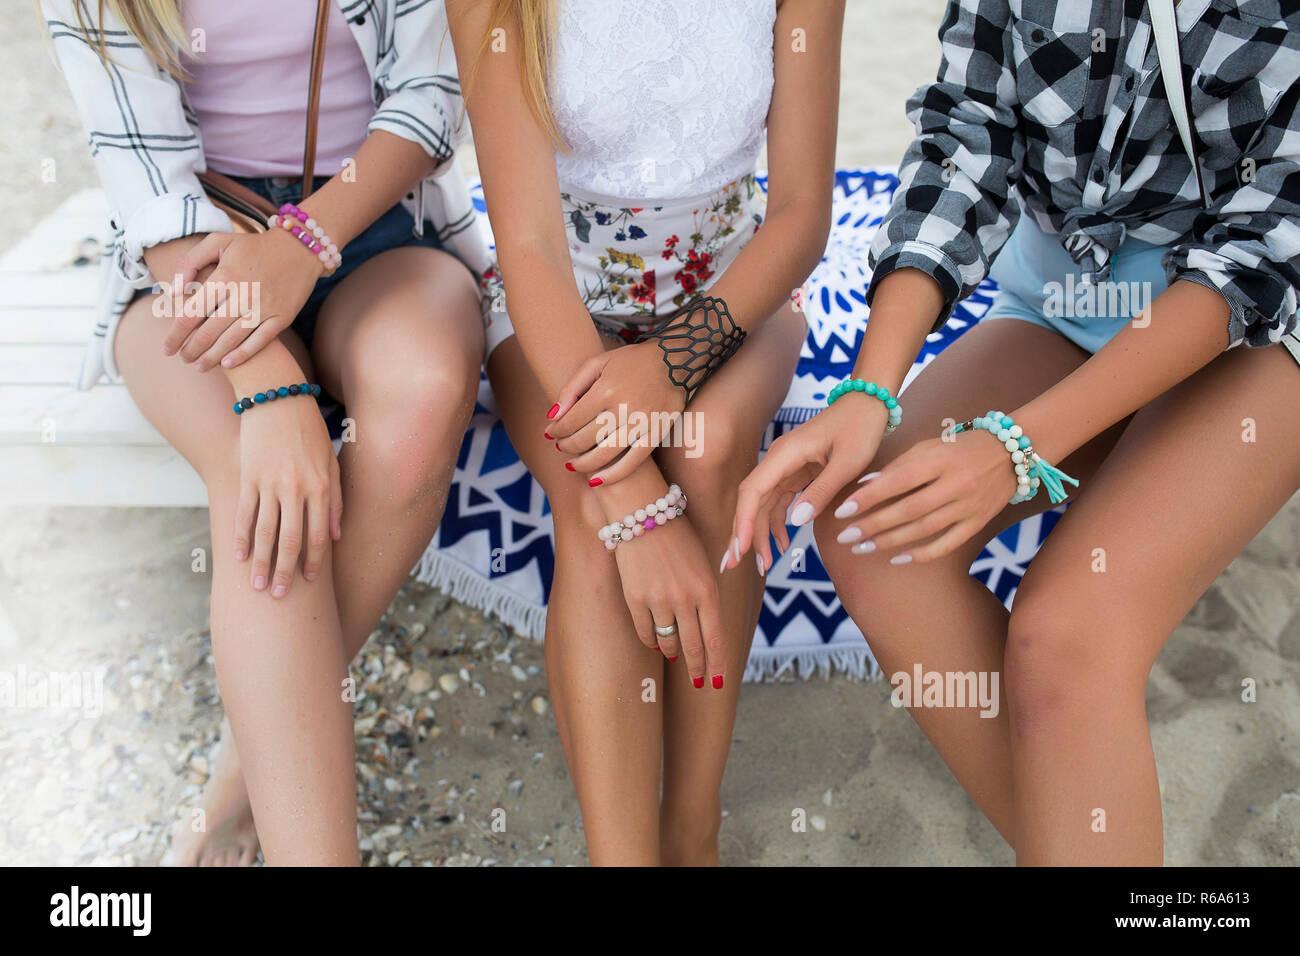 Tir d'été sur la plage, trois jeunes filles en shorts et blouses avec la peau bronze bronzé assis sur le banc recouvert d'une couverture.sur beau Photo Stock